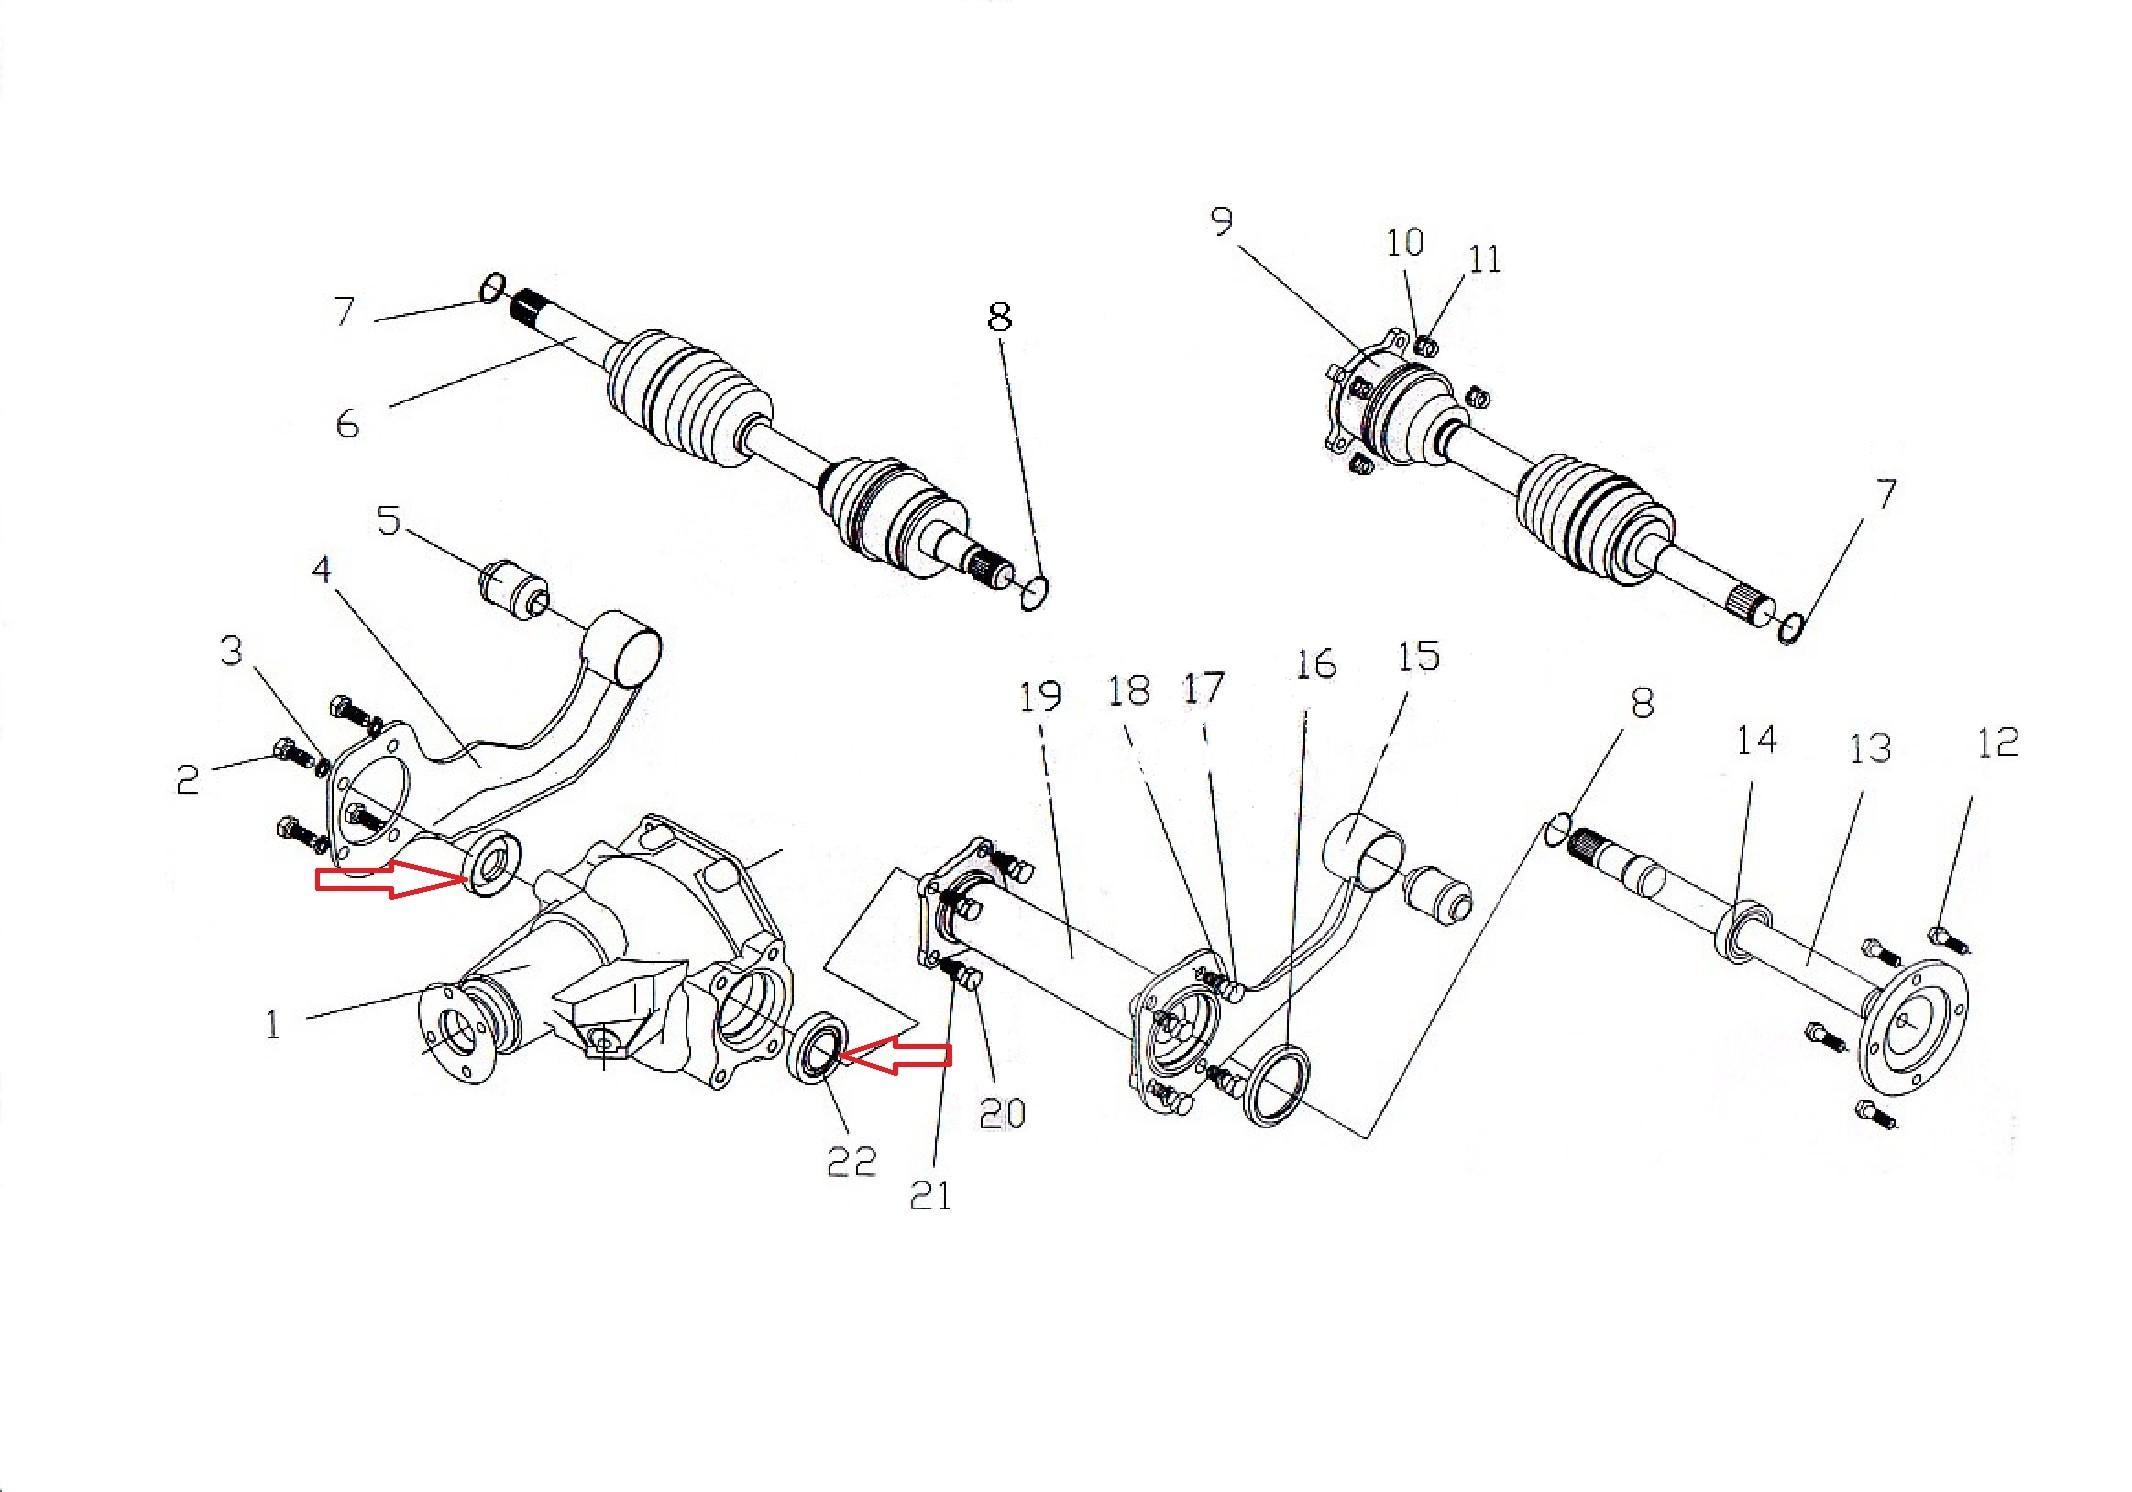 Сальник редуктора переднього мосту 4WD/ сальник редуктора переднего моста-0